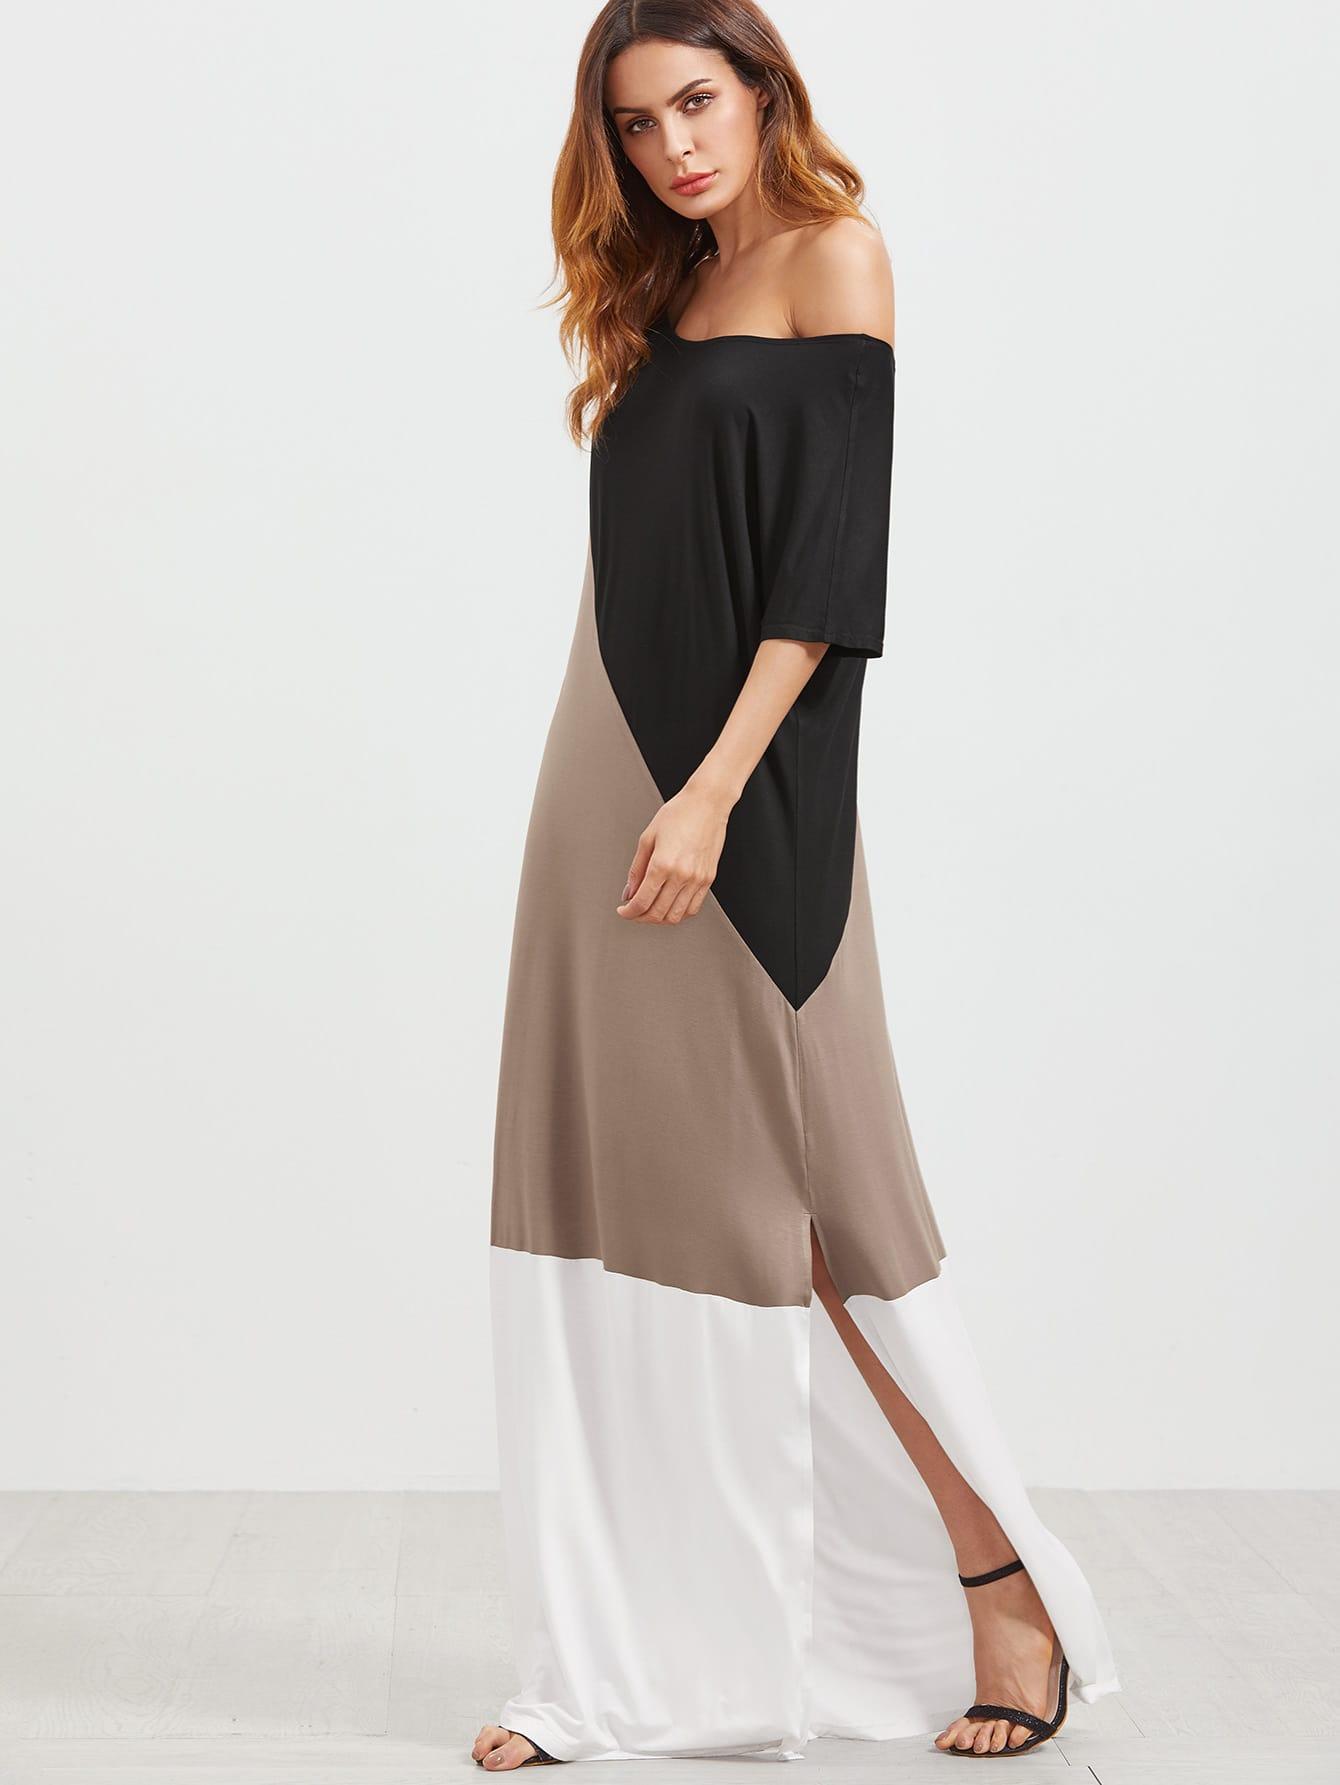 dress161227712_2